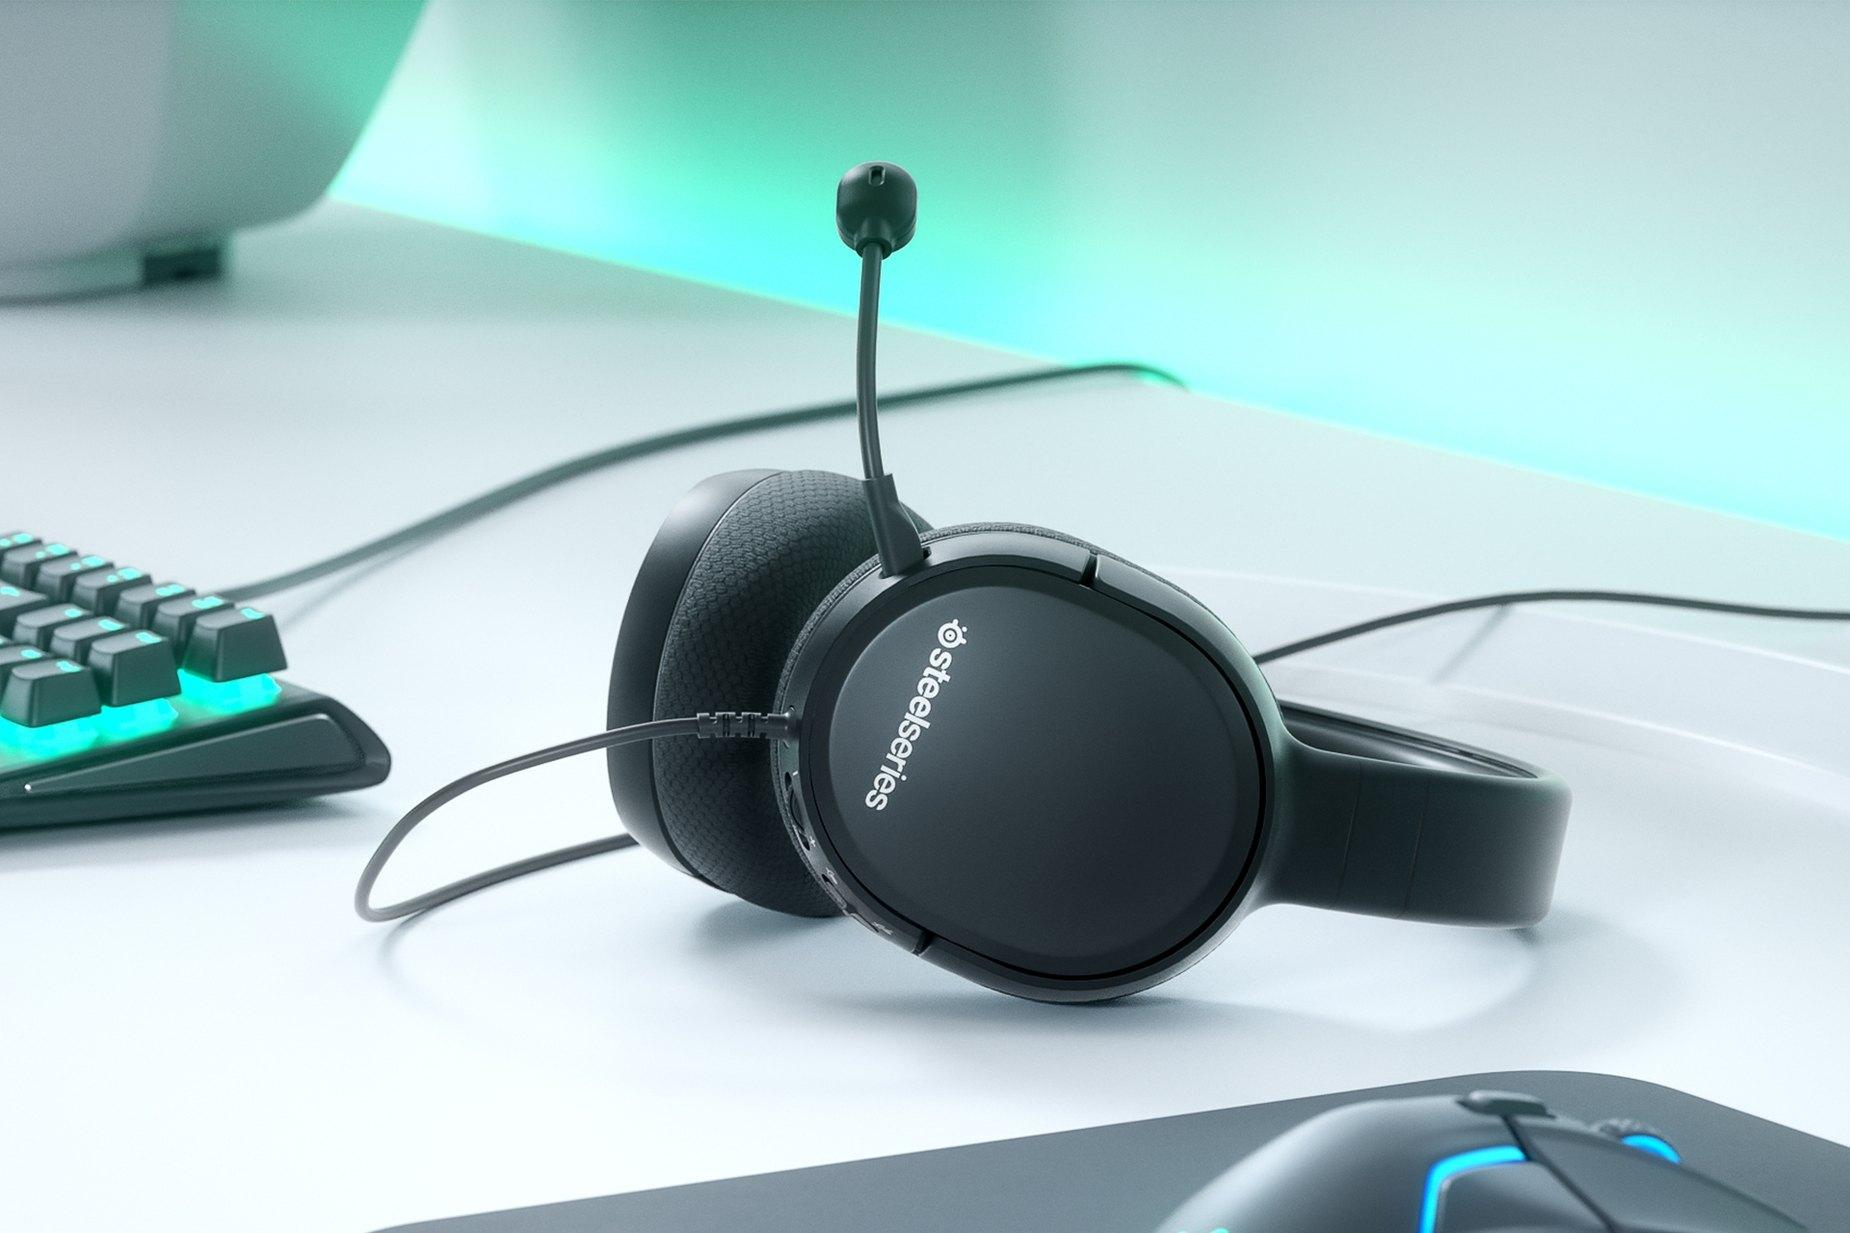 Arctis 1 遊戲耳機放置桌面,還有 SteelSeries 整套裝備包括滑鼠,滑鼠墊,和鍵盤。